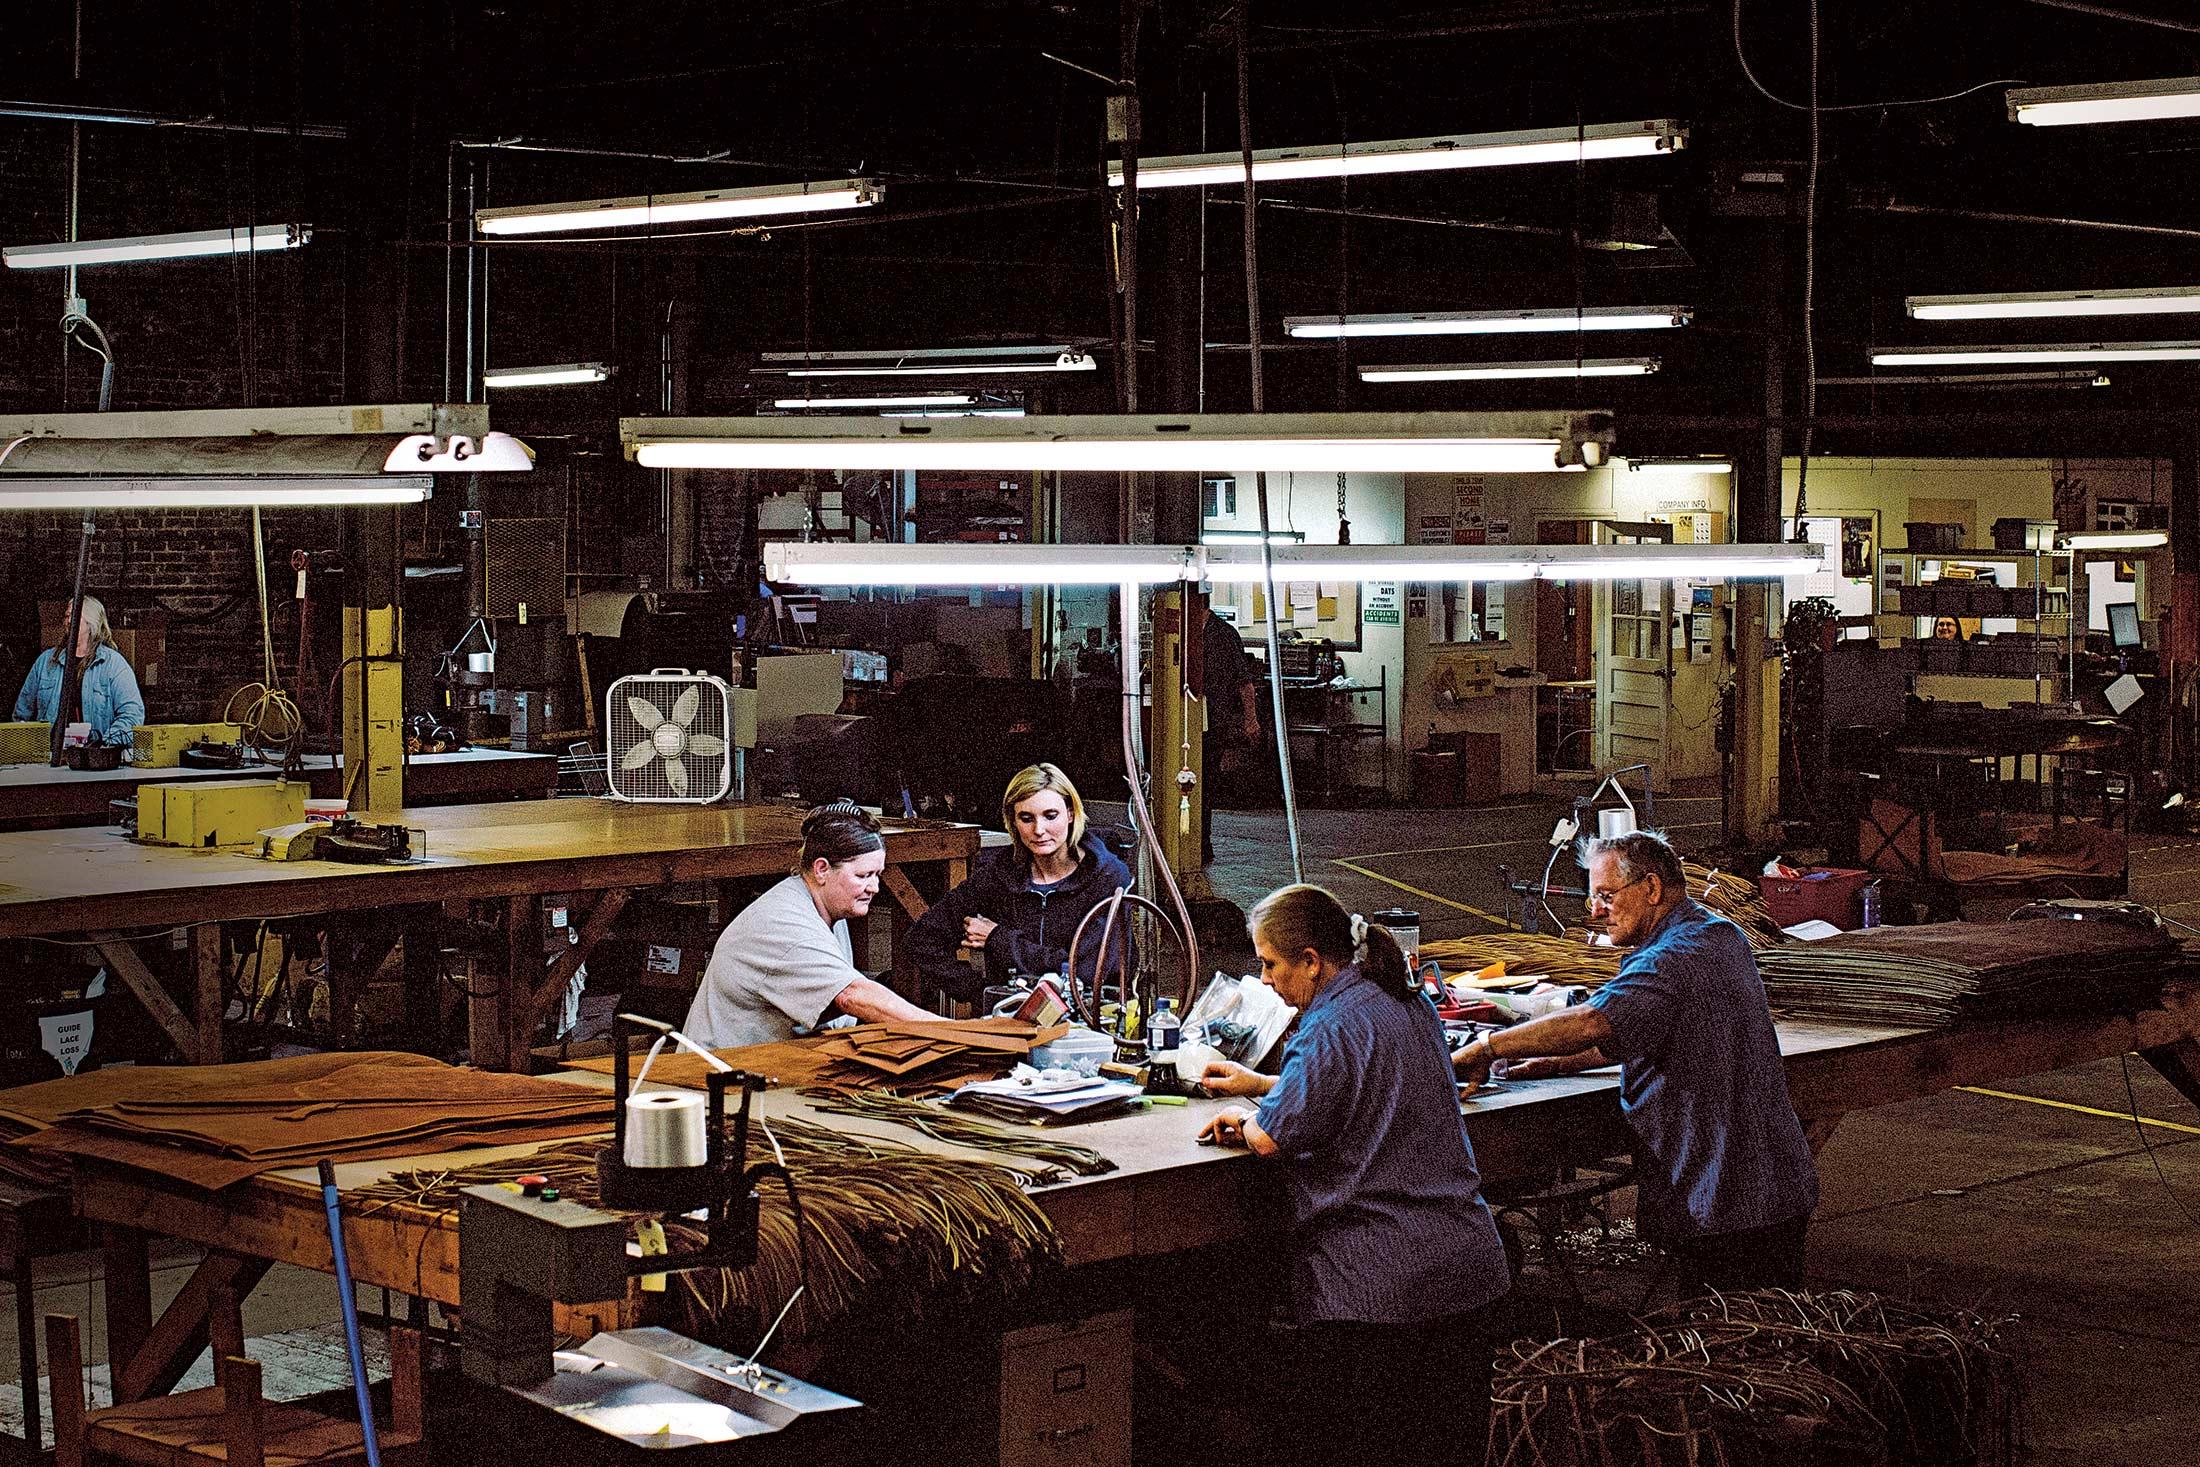 Lisa Howlett's production facility in Auburn, Ky.